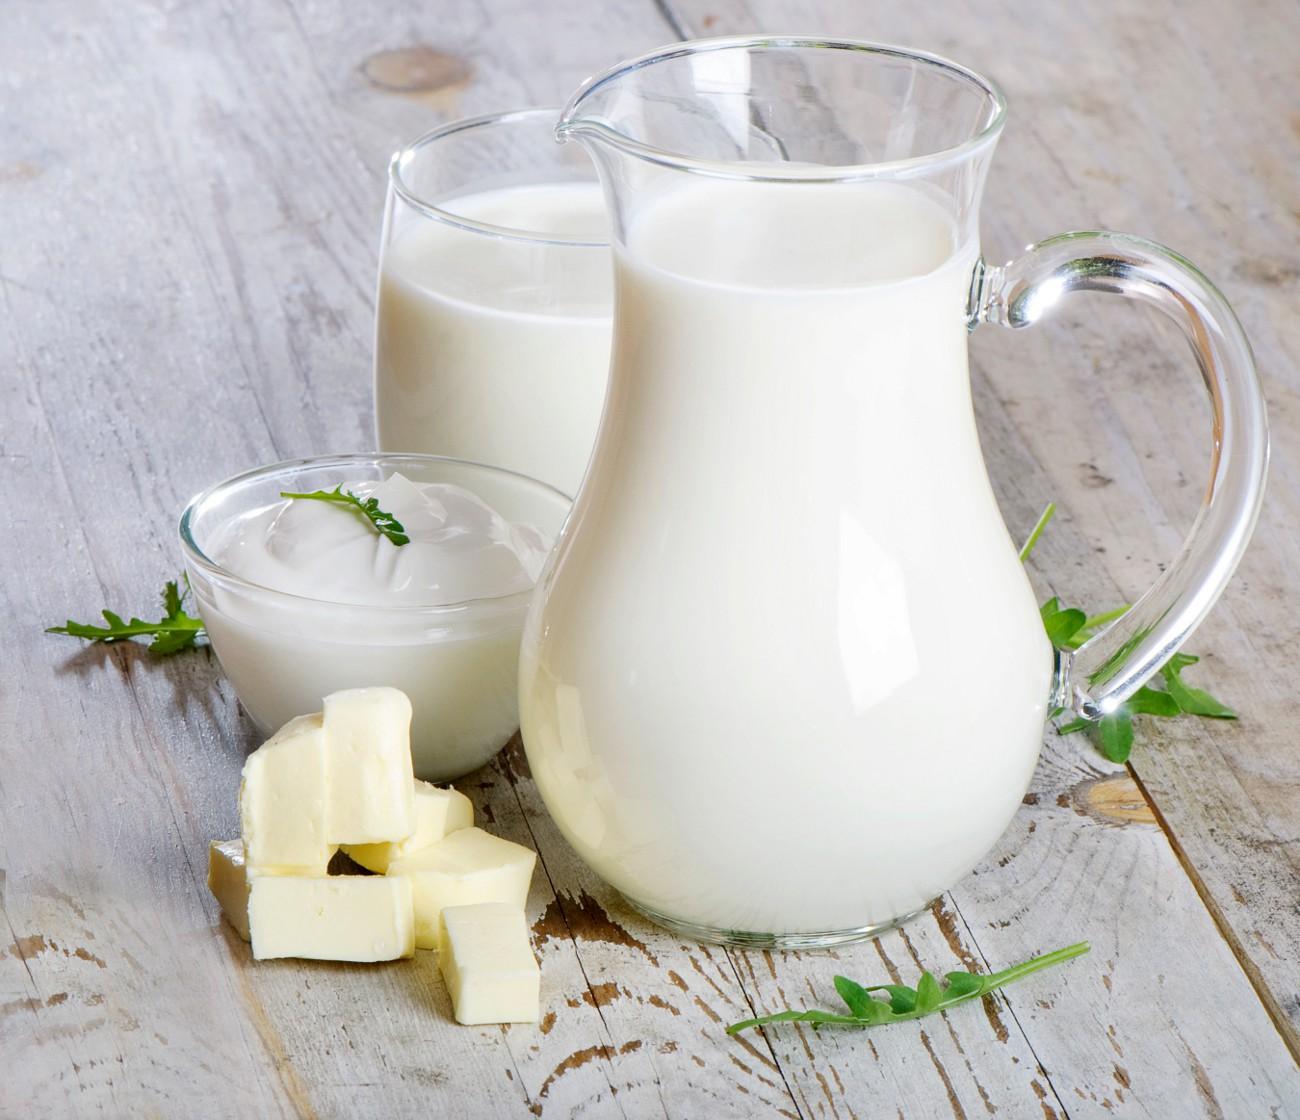 Không phải móng giò, chuyên gia tư vấn nên bổ sung 7 loại thực phẩm này để tăng lượng sữa mẹ - Ảnh 2.